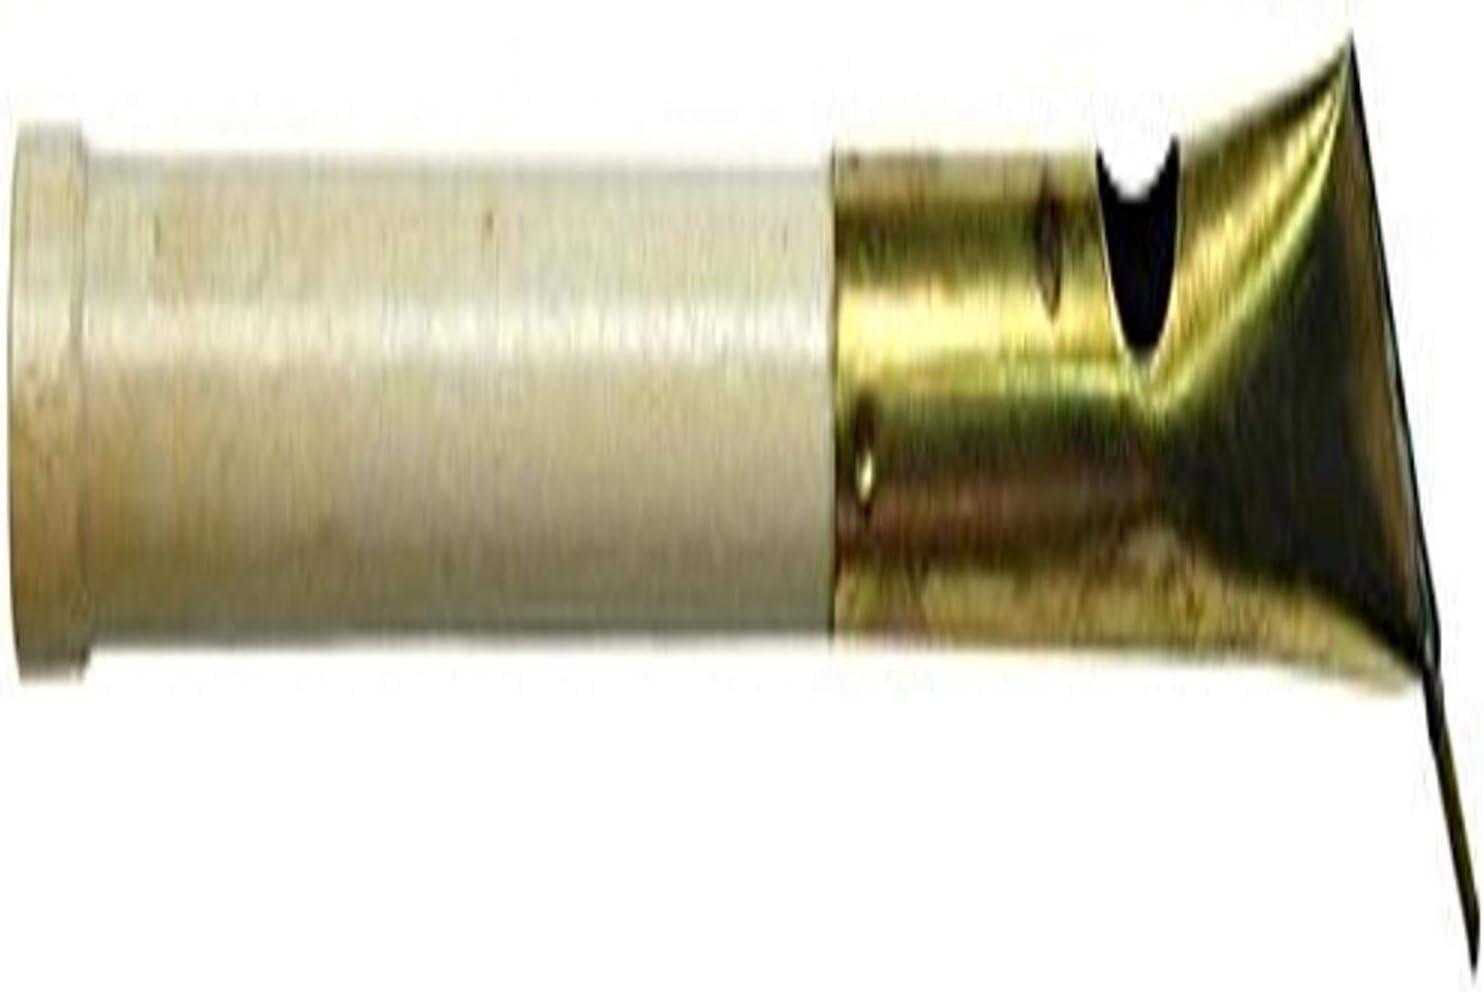 B0009IJZJ0 Jacquard Products 9903101 Tjanting Tool, Large, 1-Pack 51yonaVb3WL